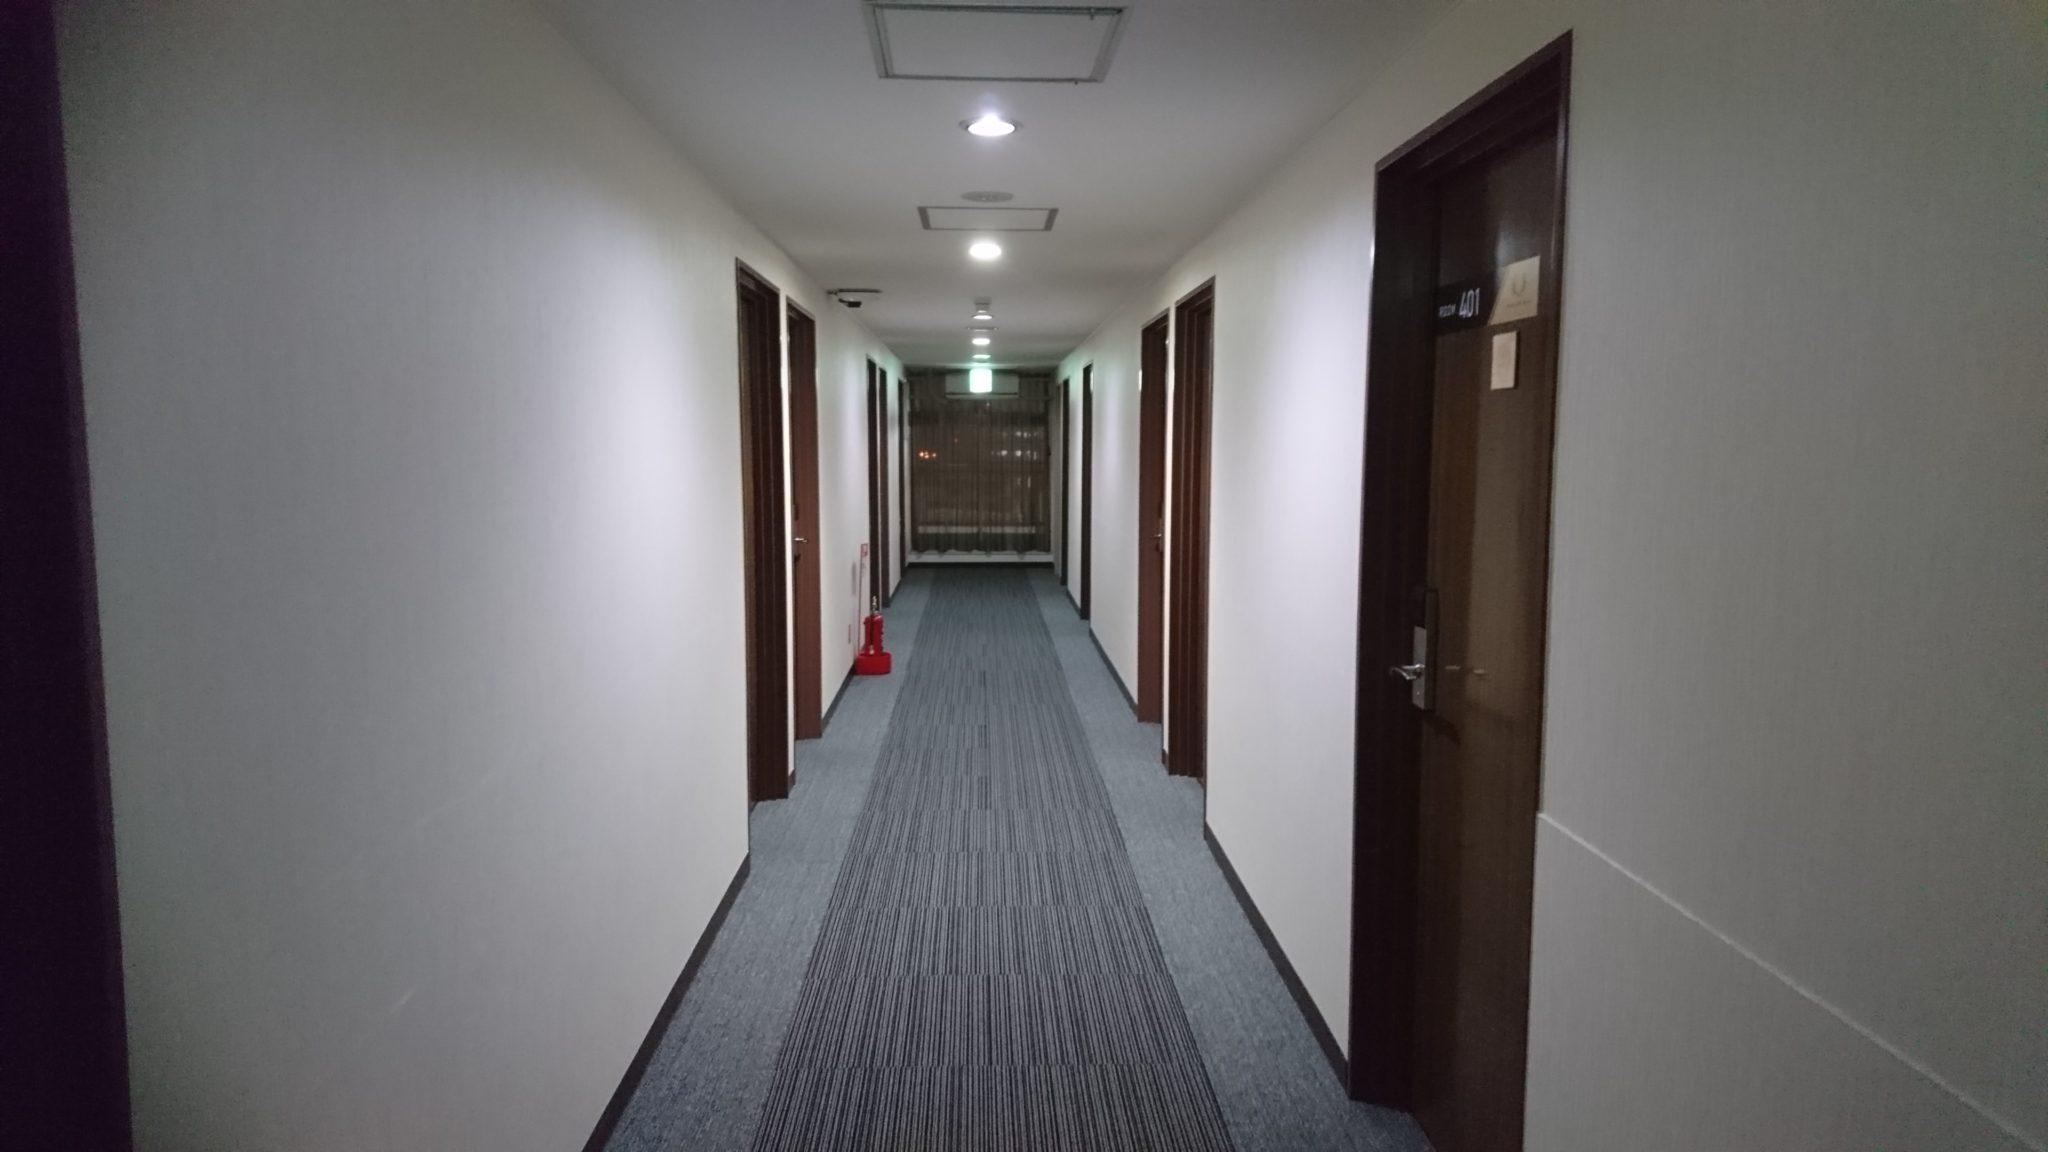 ホテル4条 廊下